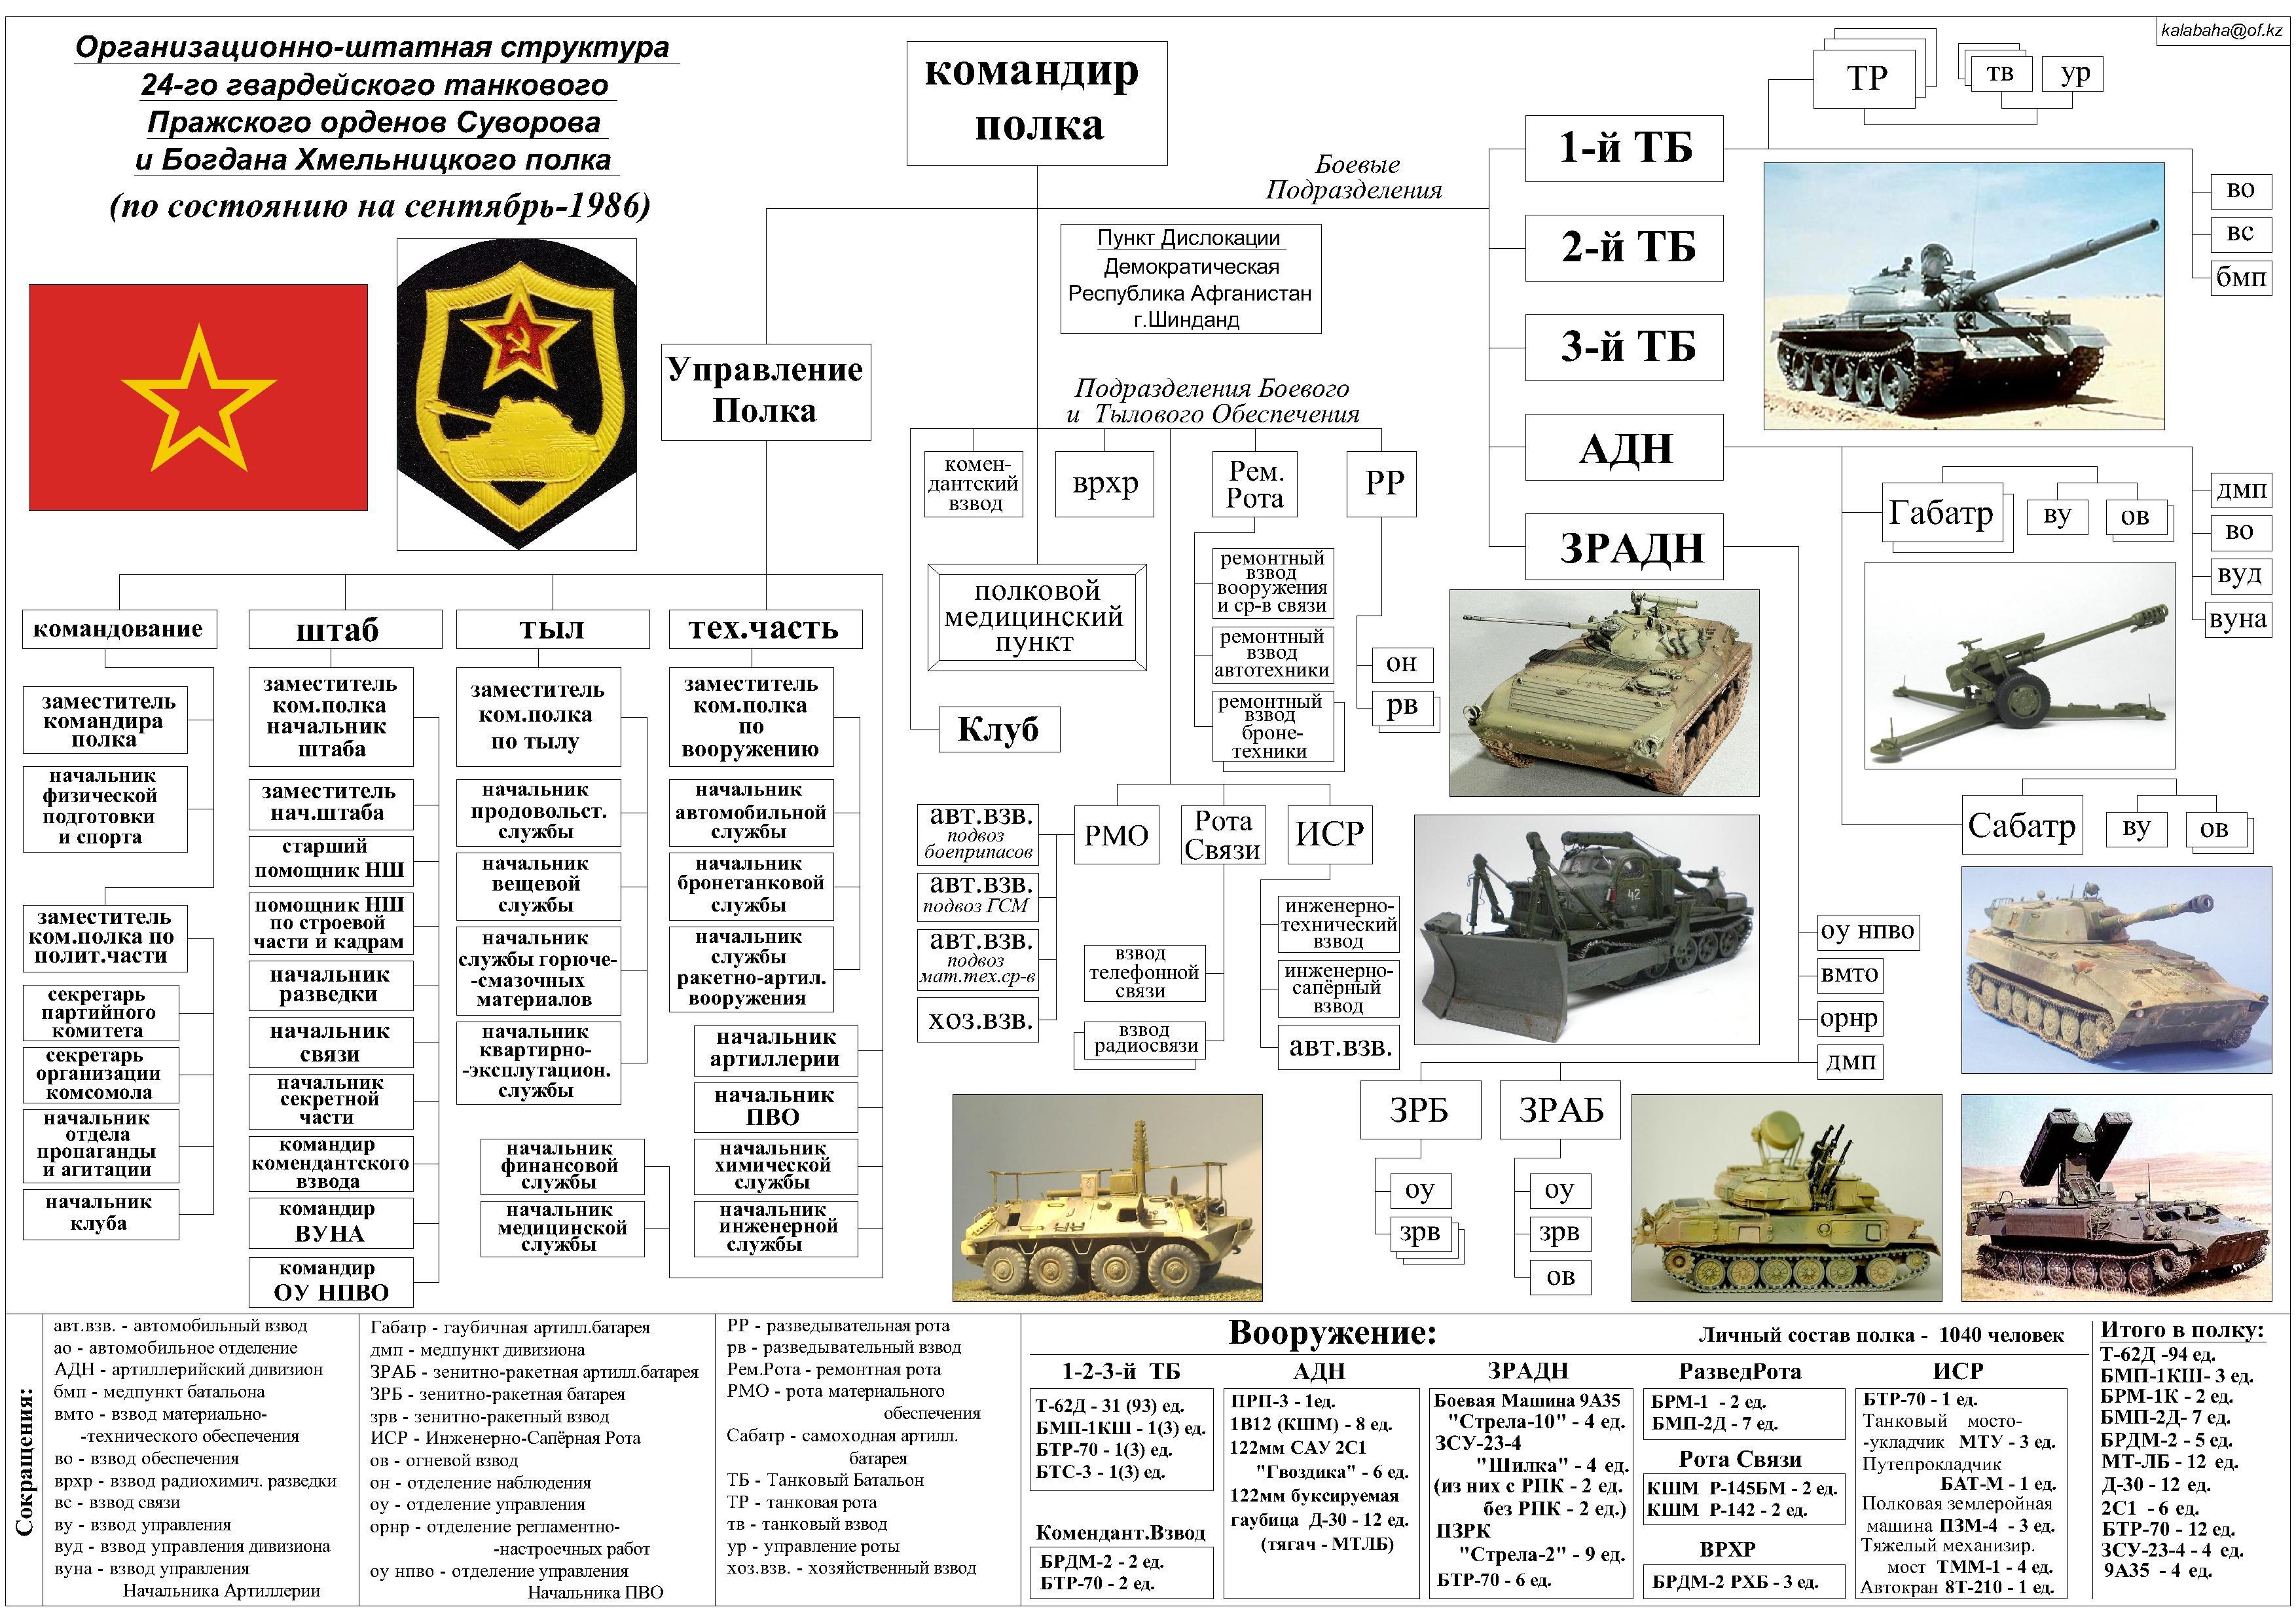 Картинки: штат мотострелковой бригады нового облика (картинки) в иваново